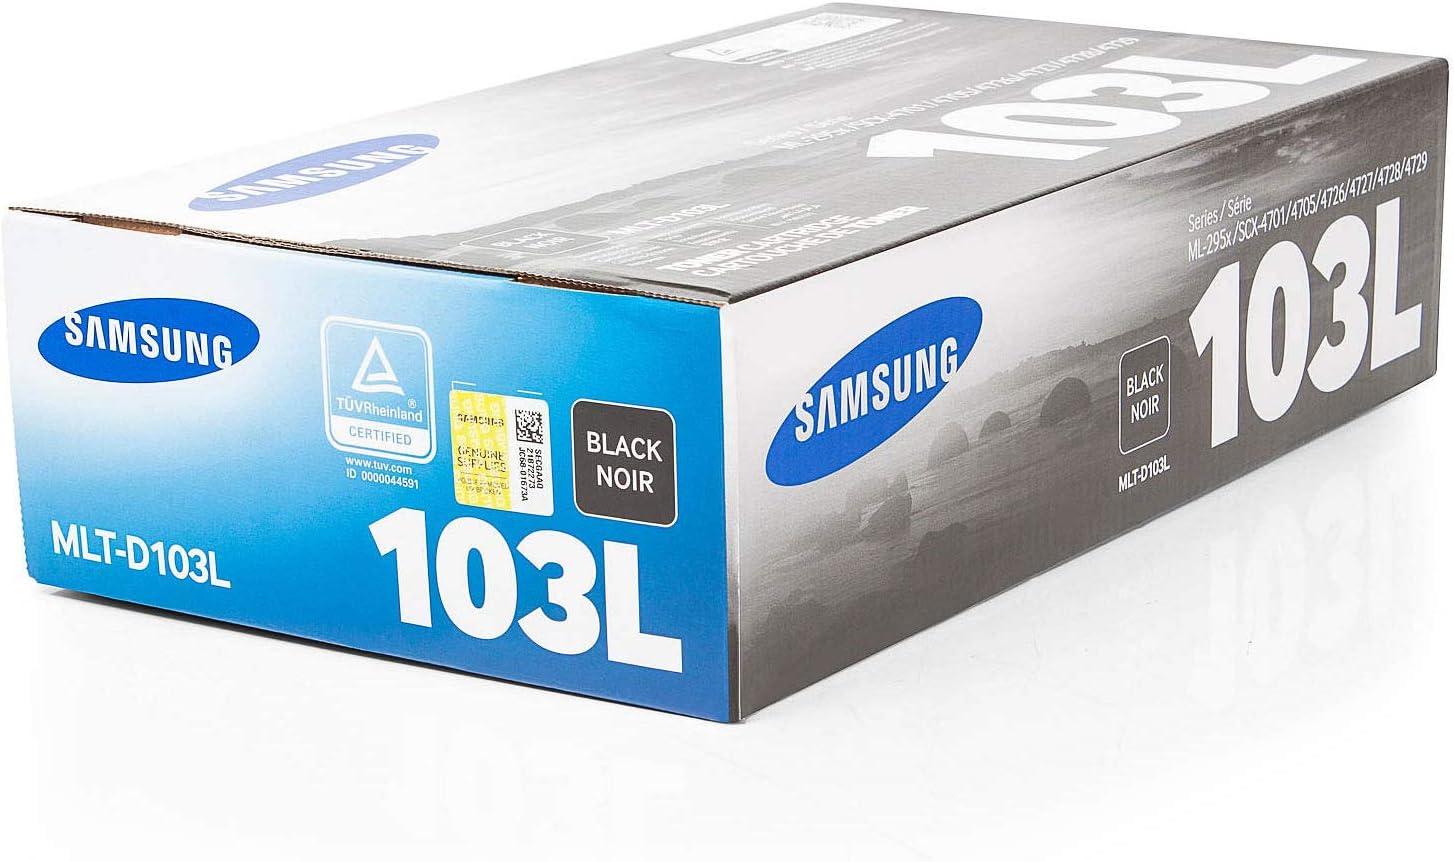 Samsung Original Mlt D103l Su716a 103l Für Ml 2950 Ndr Premium Drucker Kartusche Schwarz 2500 Seiten